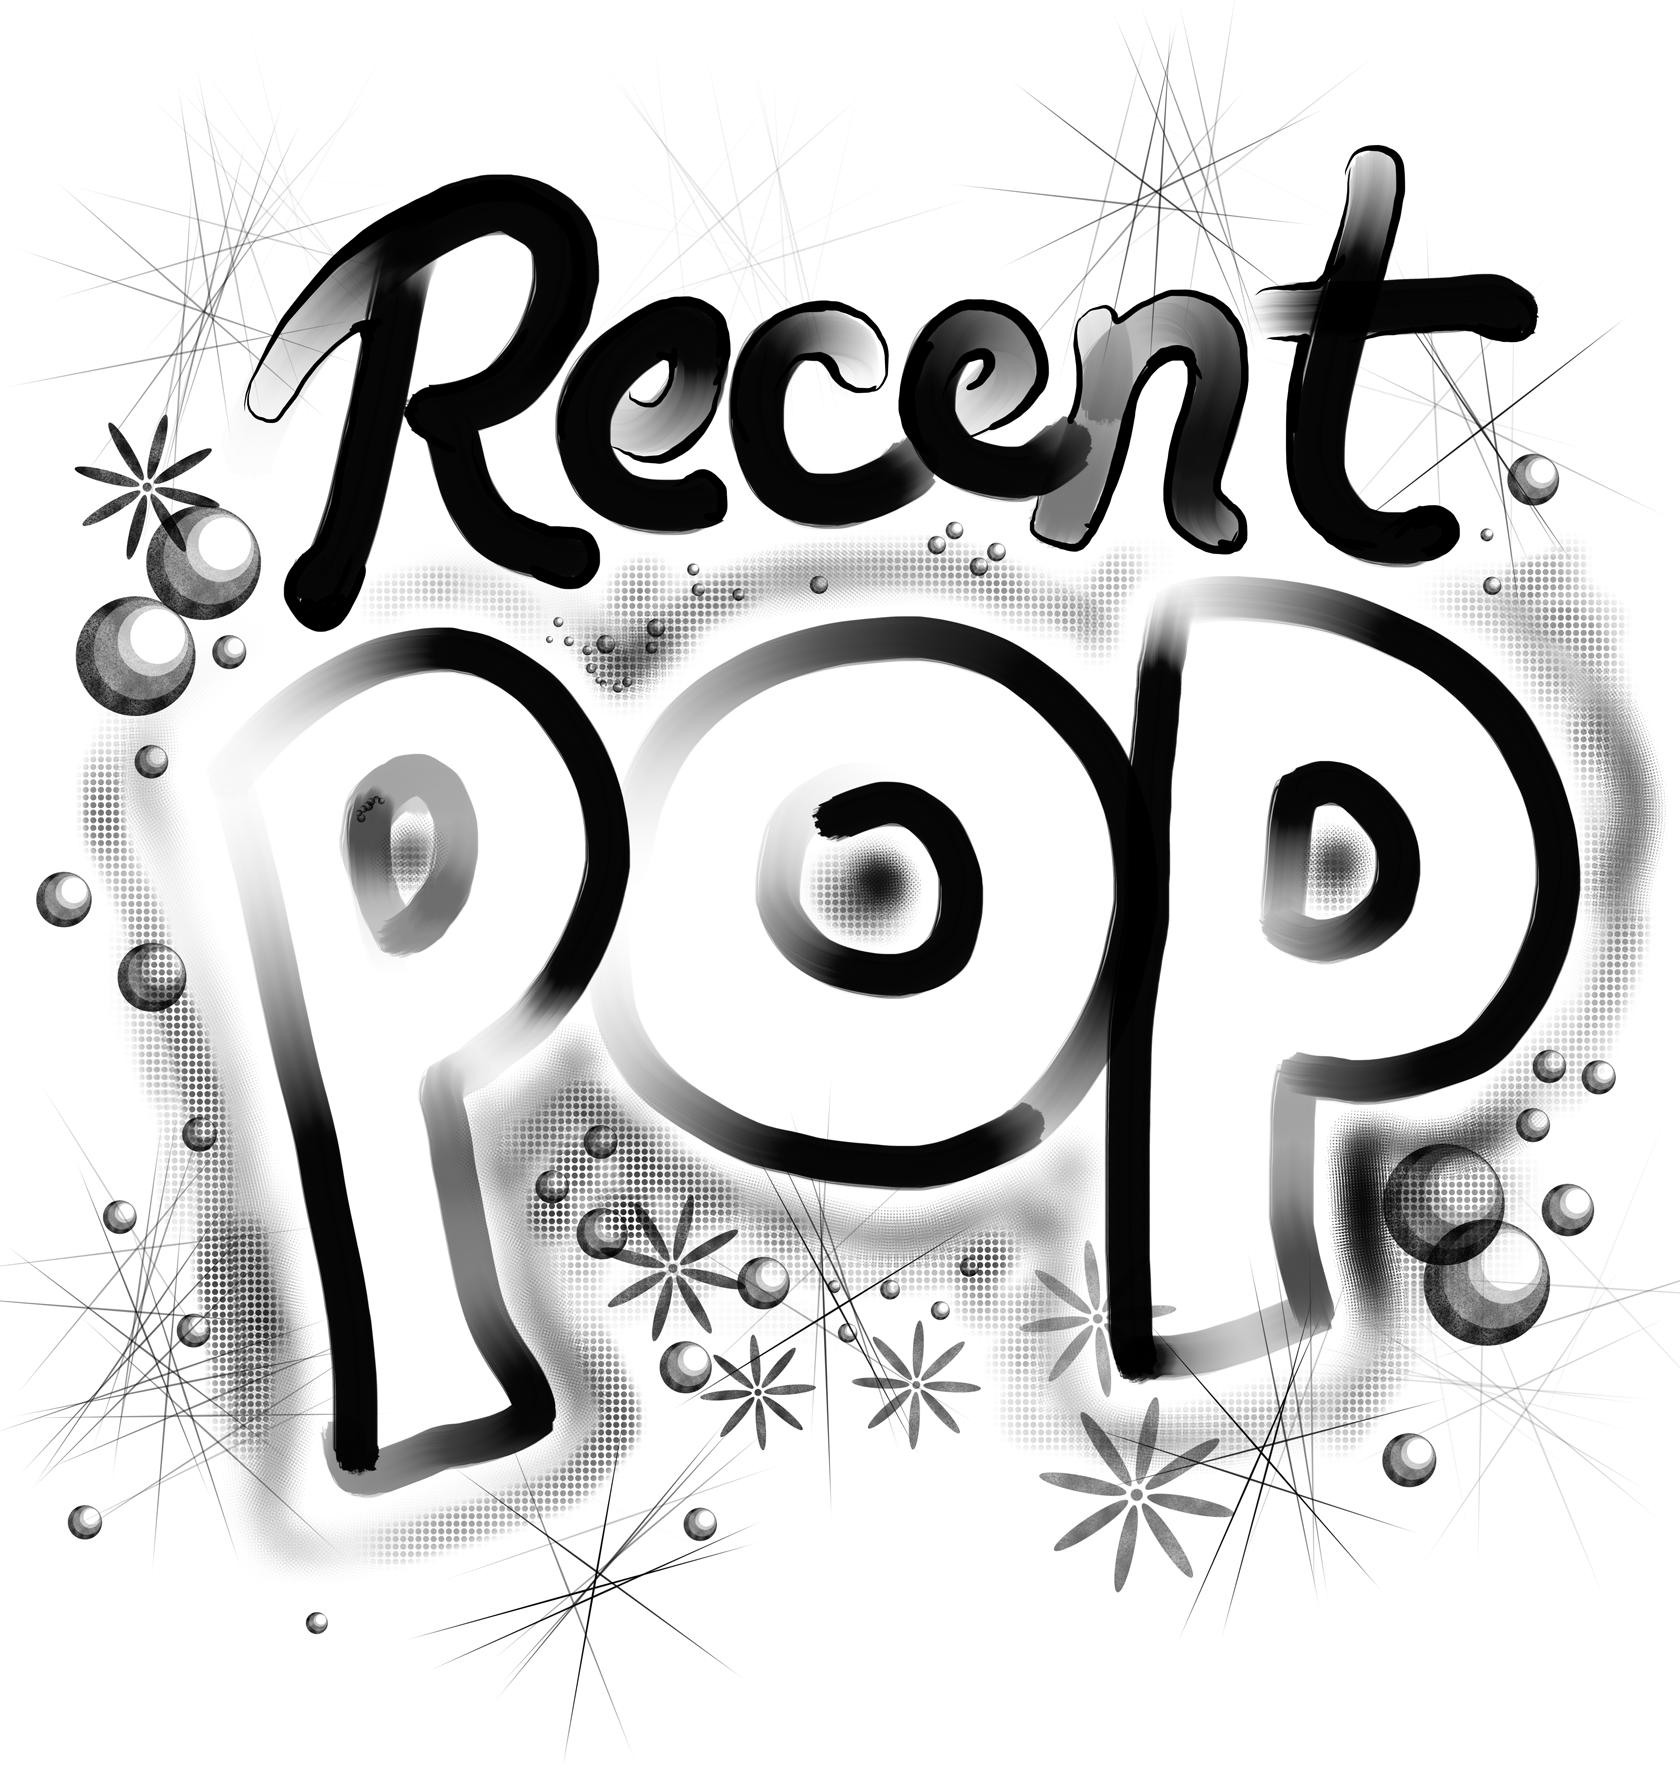 RECENT-POP.png